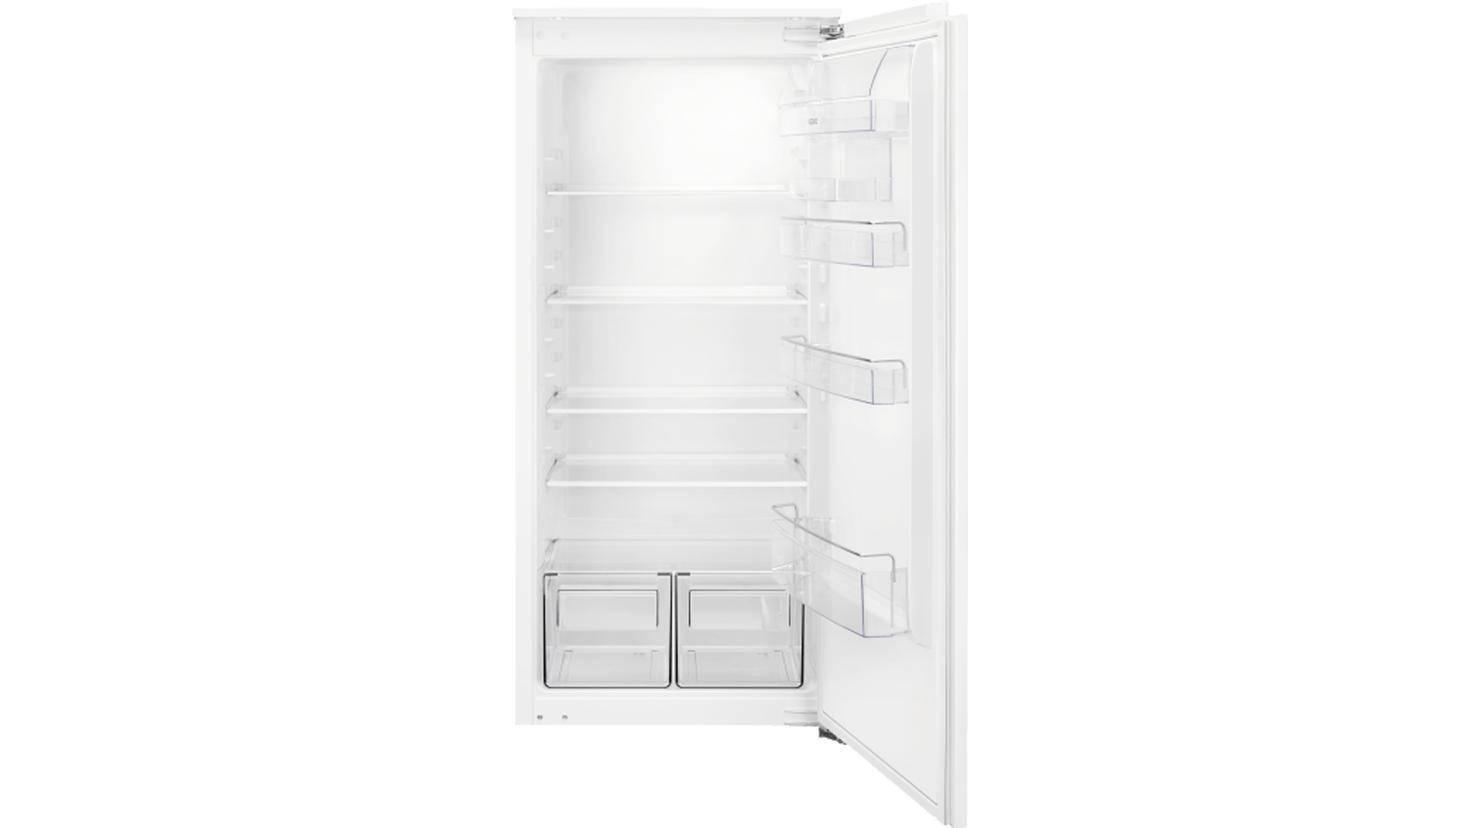 KOENIC KBR-22111 A2 Kühlschrank